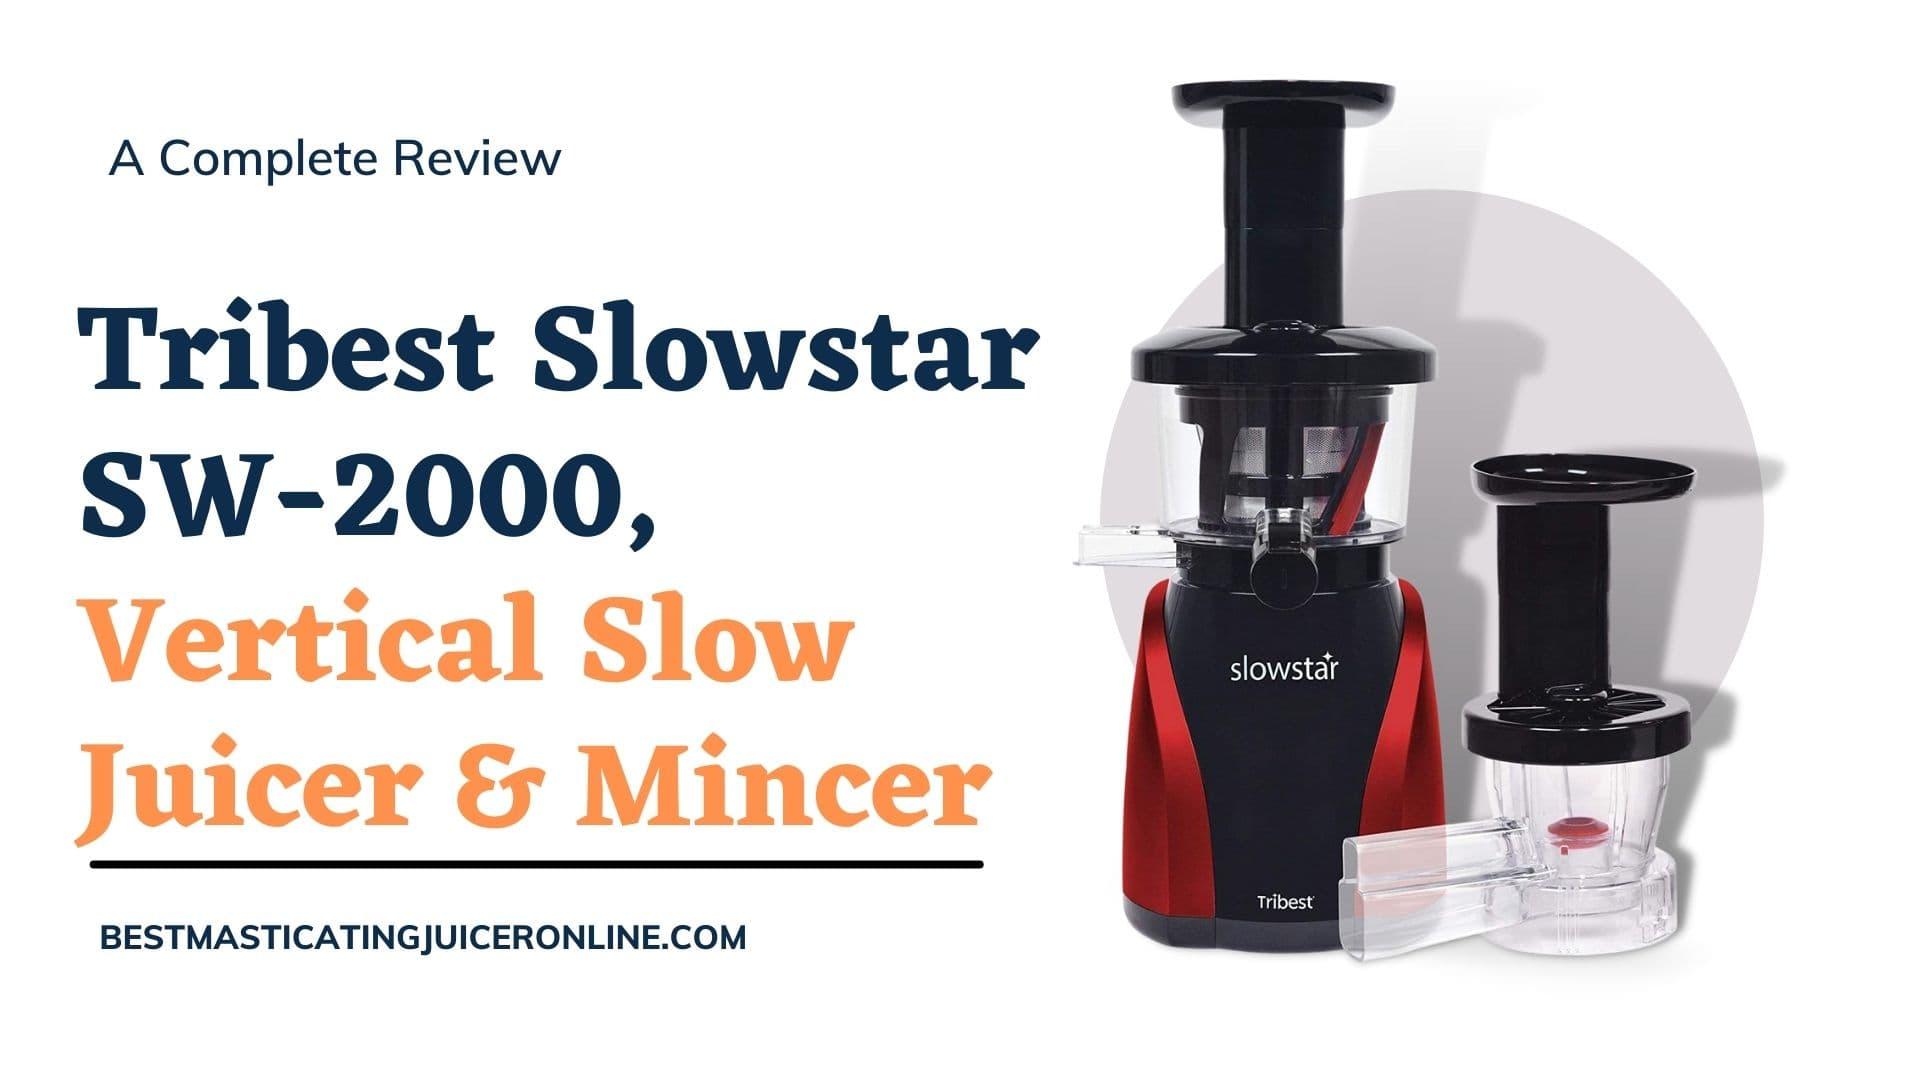 Tribest Slowstar SW-2000